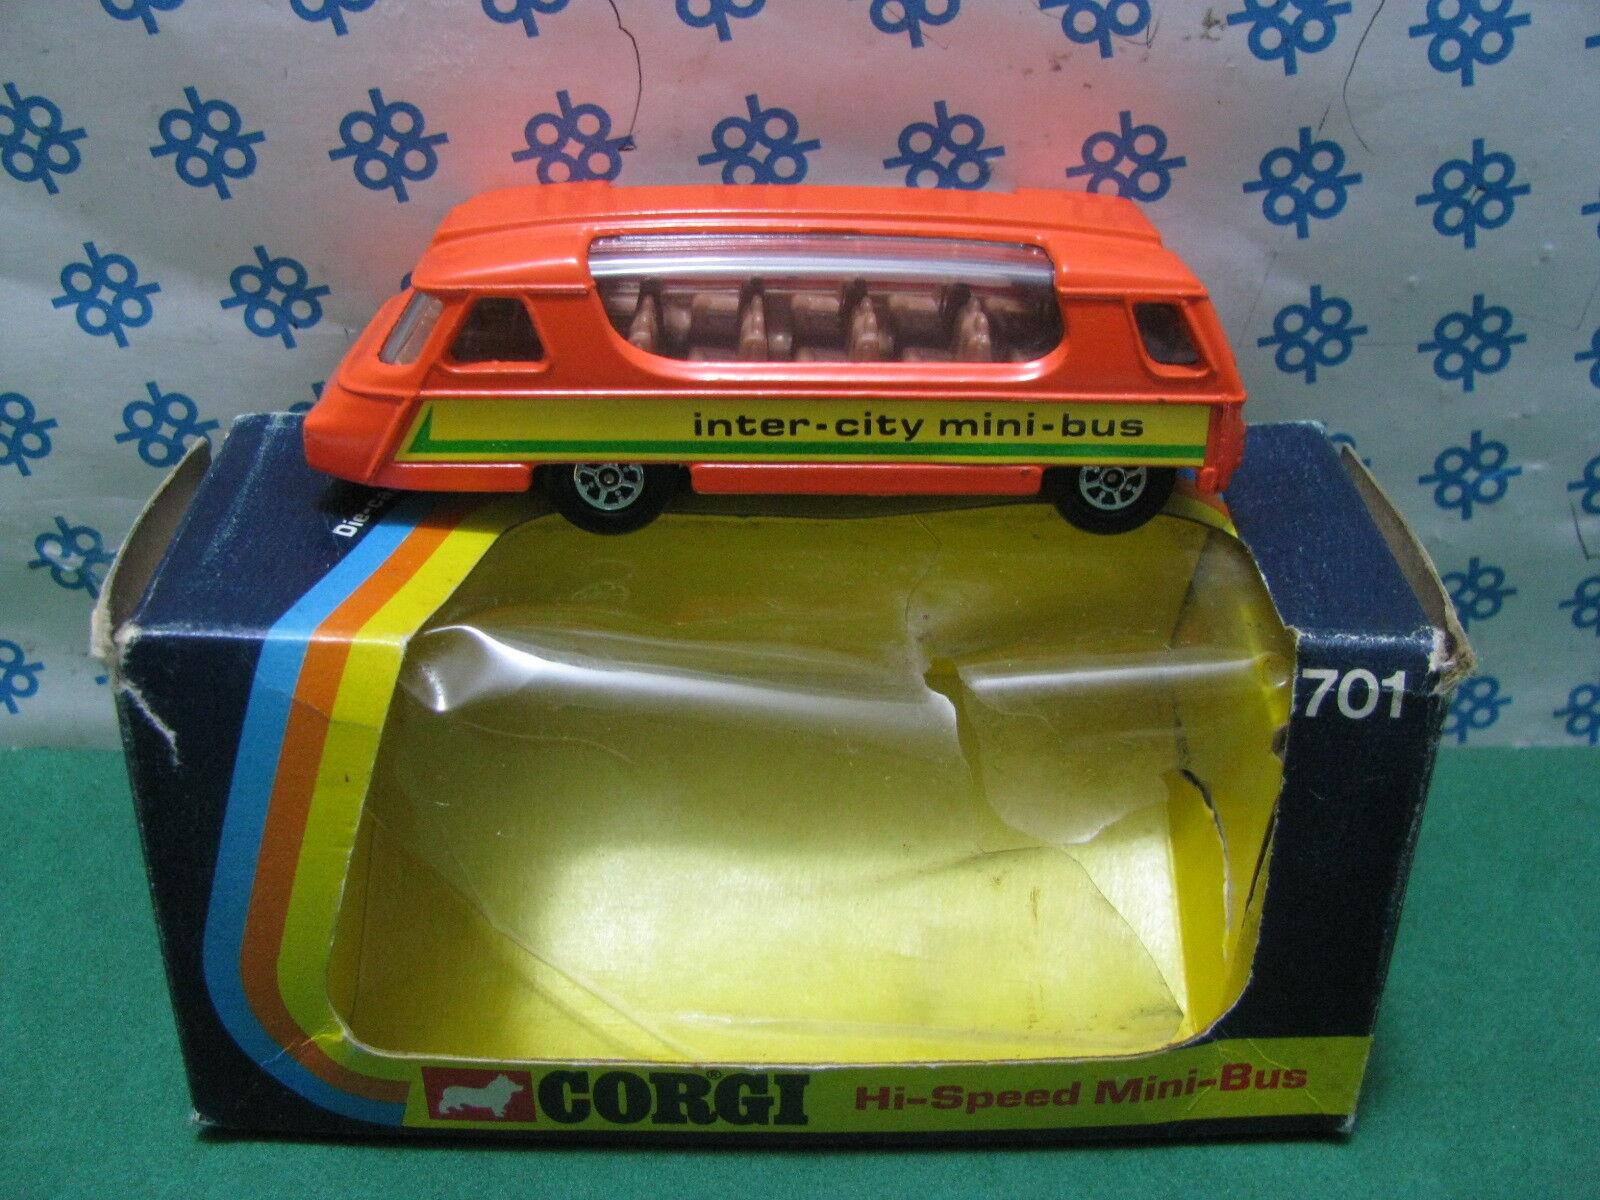 Vintage Corgi Toys 701 - Mini Bus - Fabriqué en Gt. Britain 1973